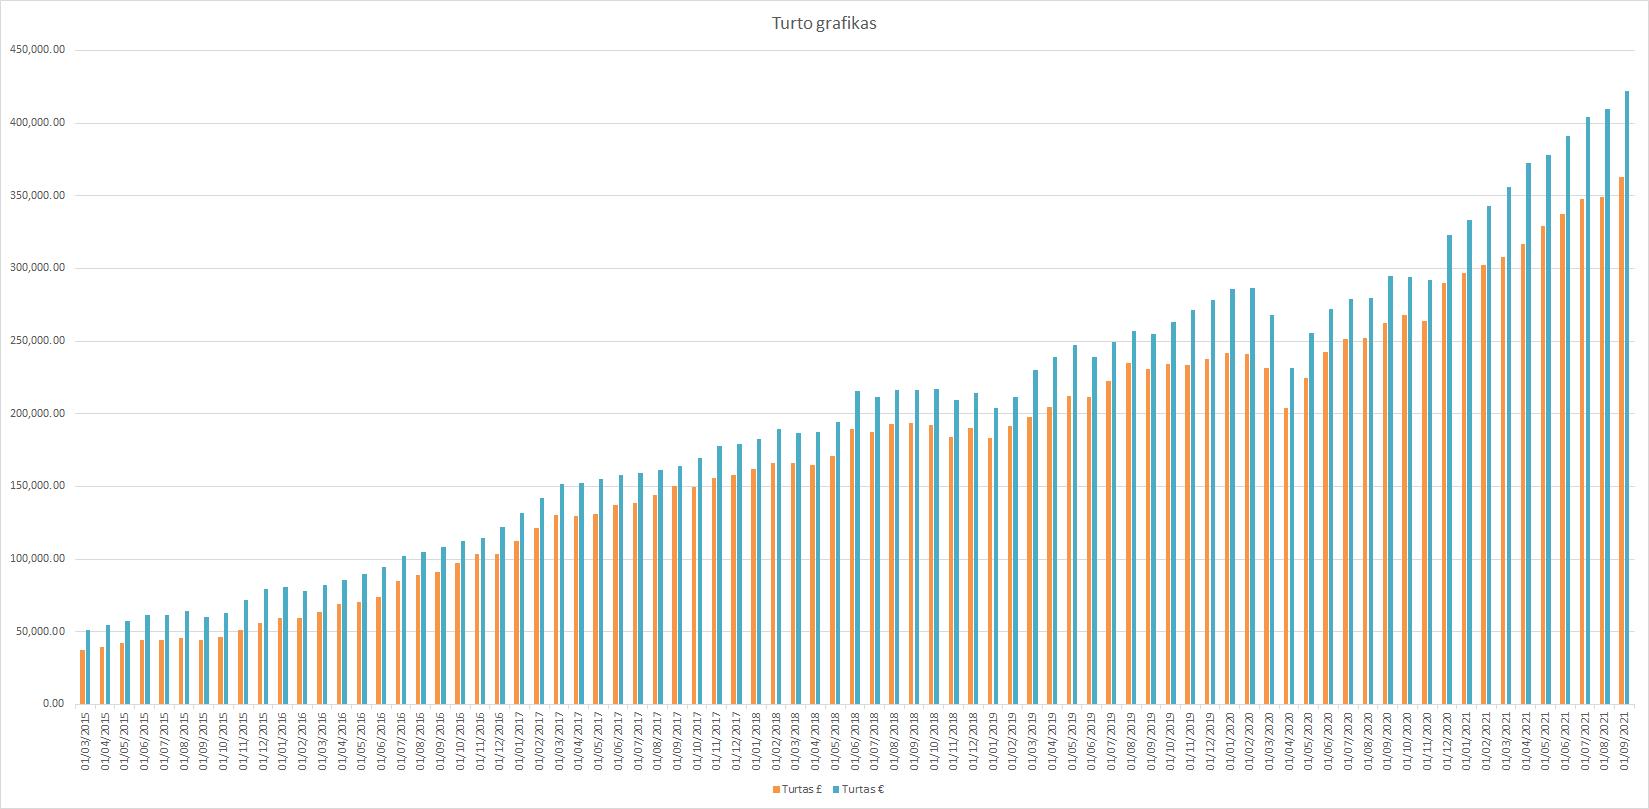 Turto grafikas 2021-09-01